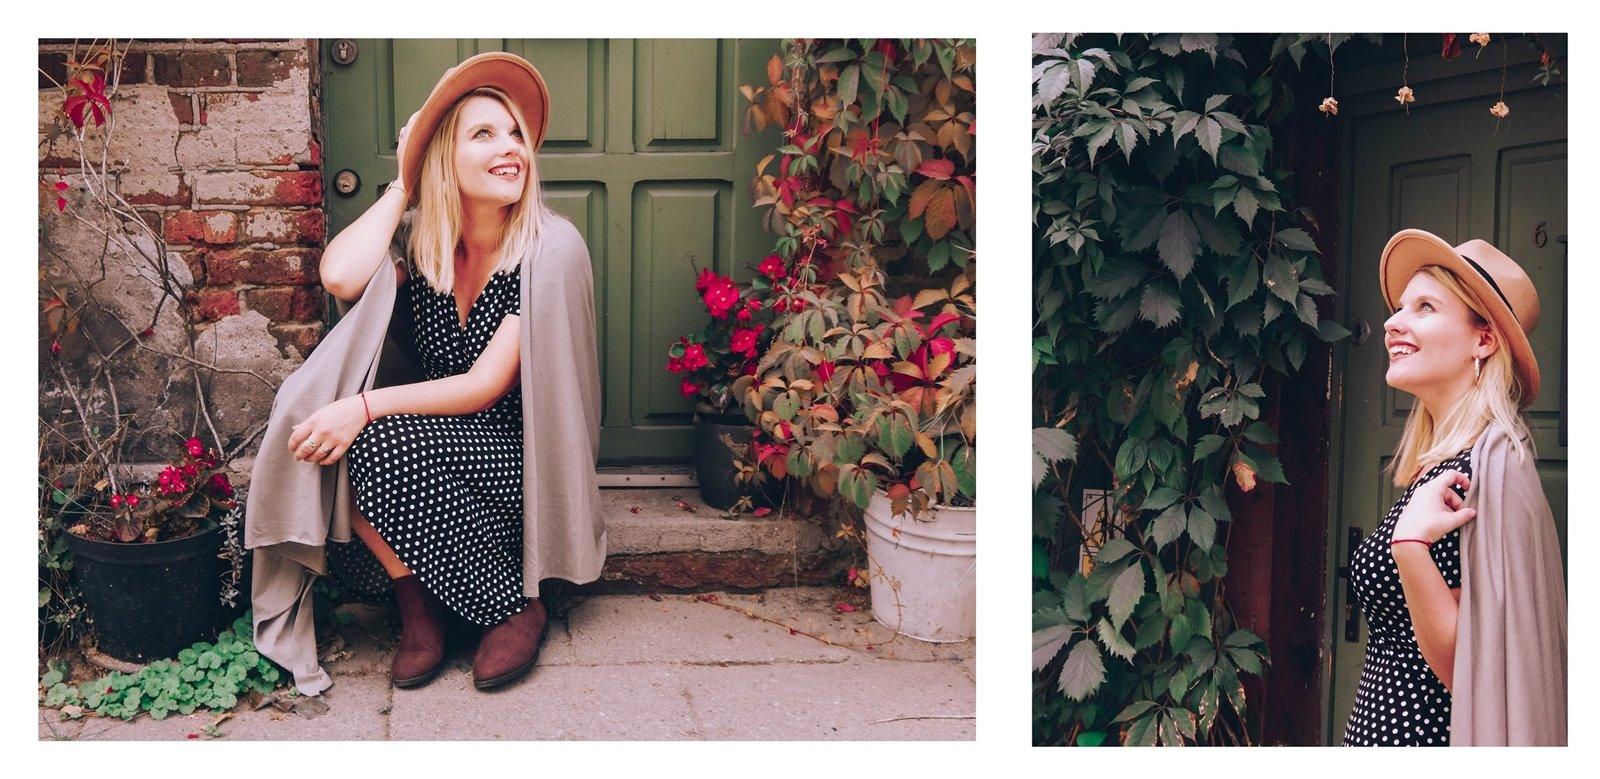 9a jak zdobyć popularność na instagramie oszustwa kłamstwa blogerów jak blogosfera kłamie reklamy na blogach facebooku stylizacja blog łódź melodylaniella bonprix sukienka kapelusz hot moda cado szal sukienka